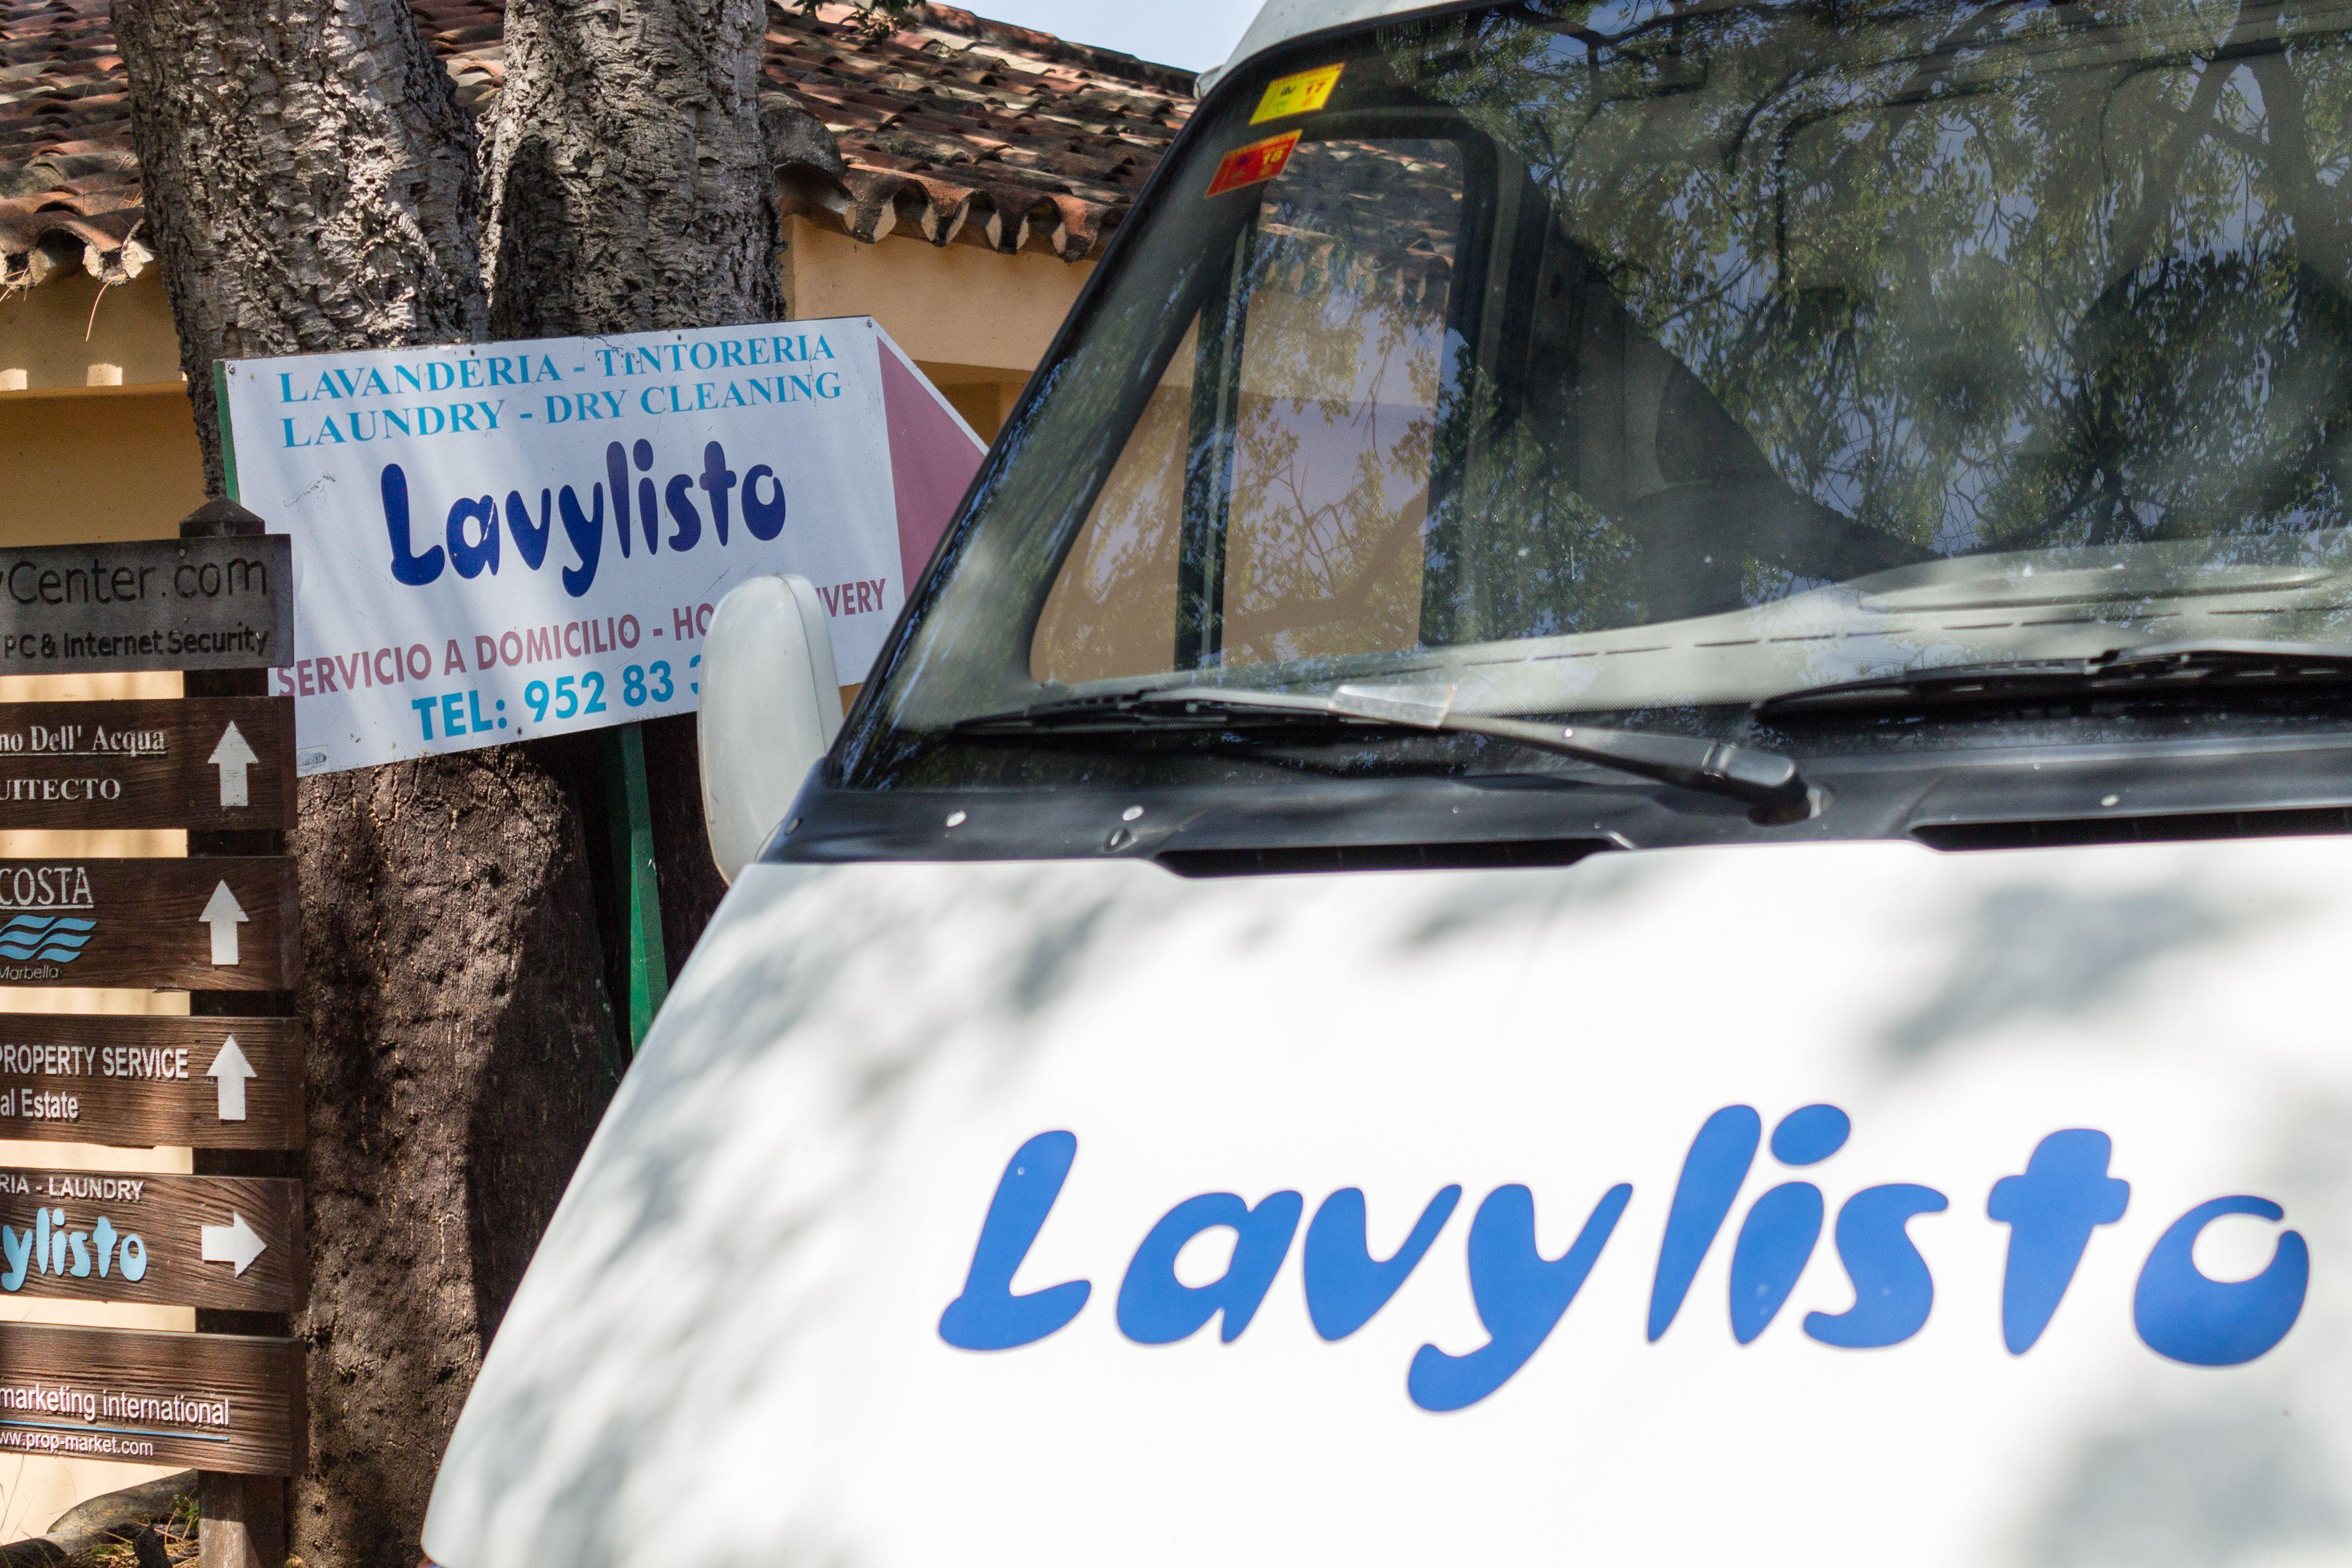 Frontal furgoneta LAVANDERÍA TINTORERÍA LAVYLISTO